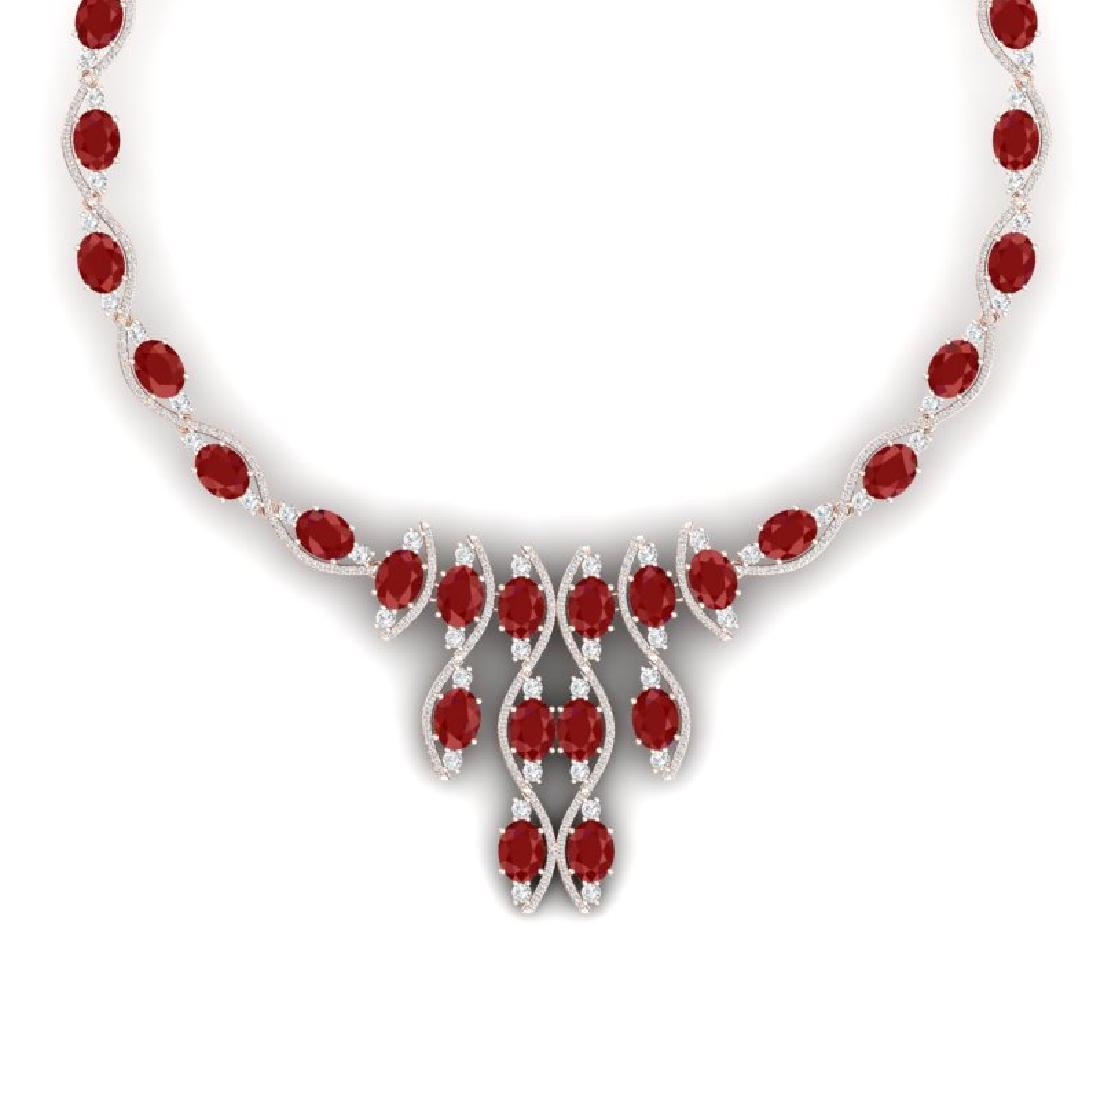 65.93 CTW Royalty Ruby & VS Diamond Necklace 18K Rose - 2